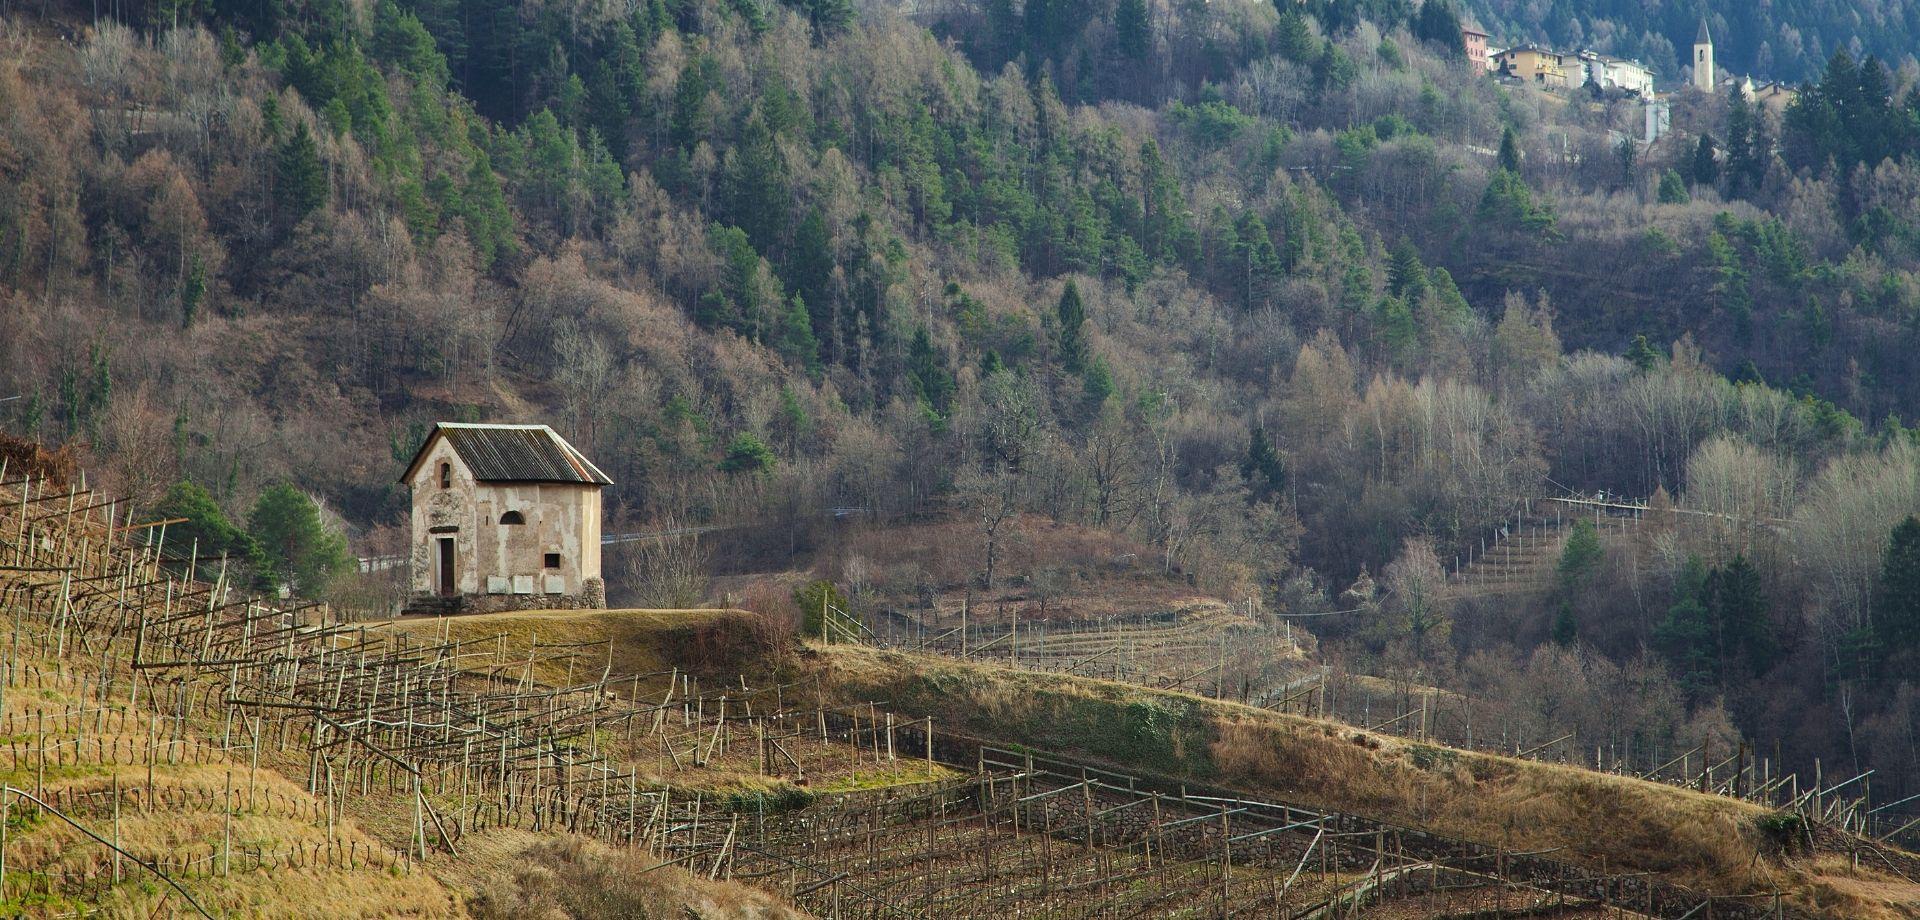 Coltivare erbe officinali in Trentino